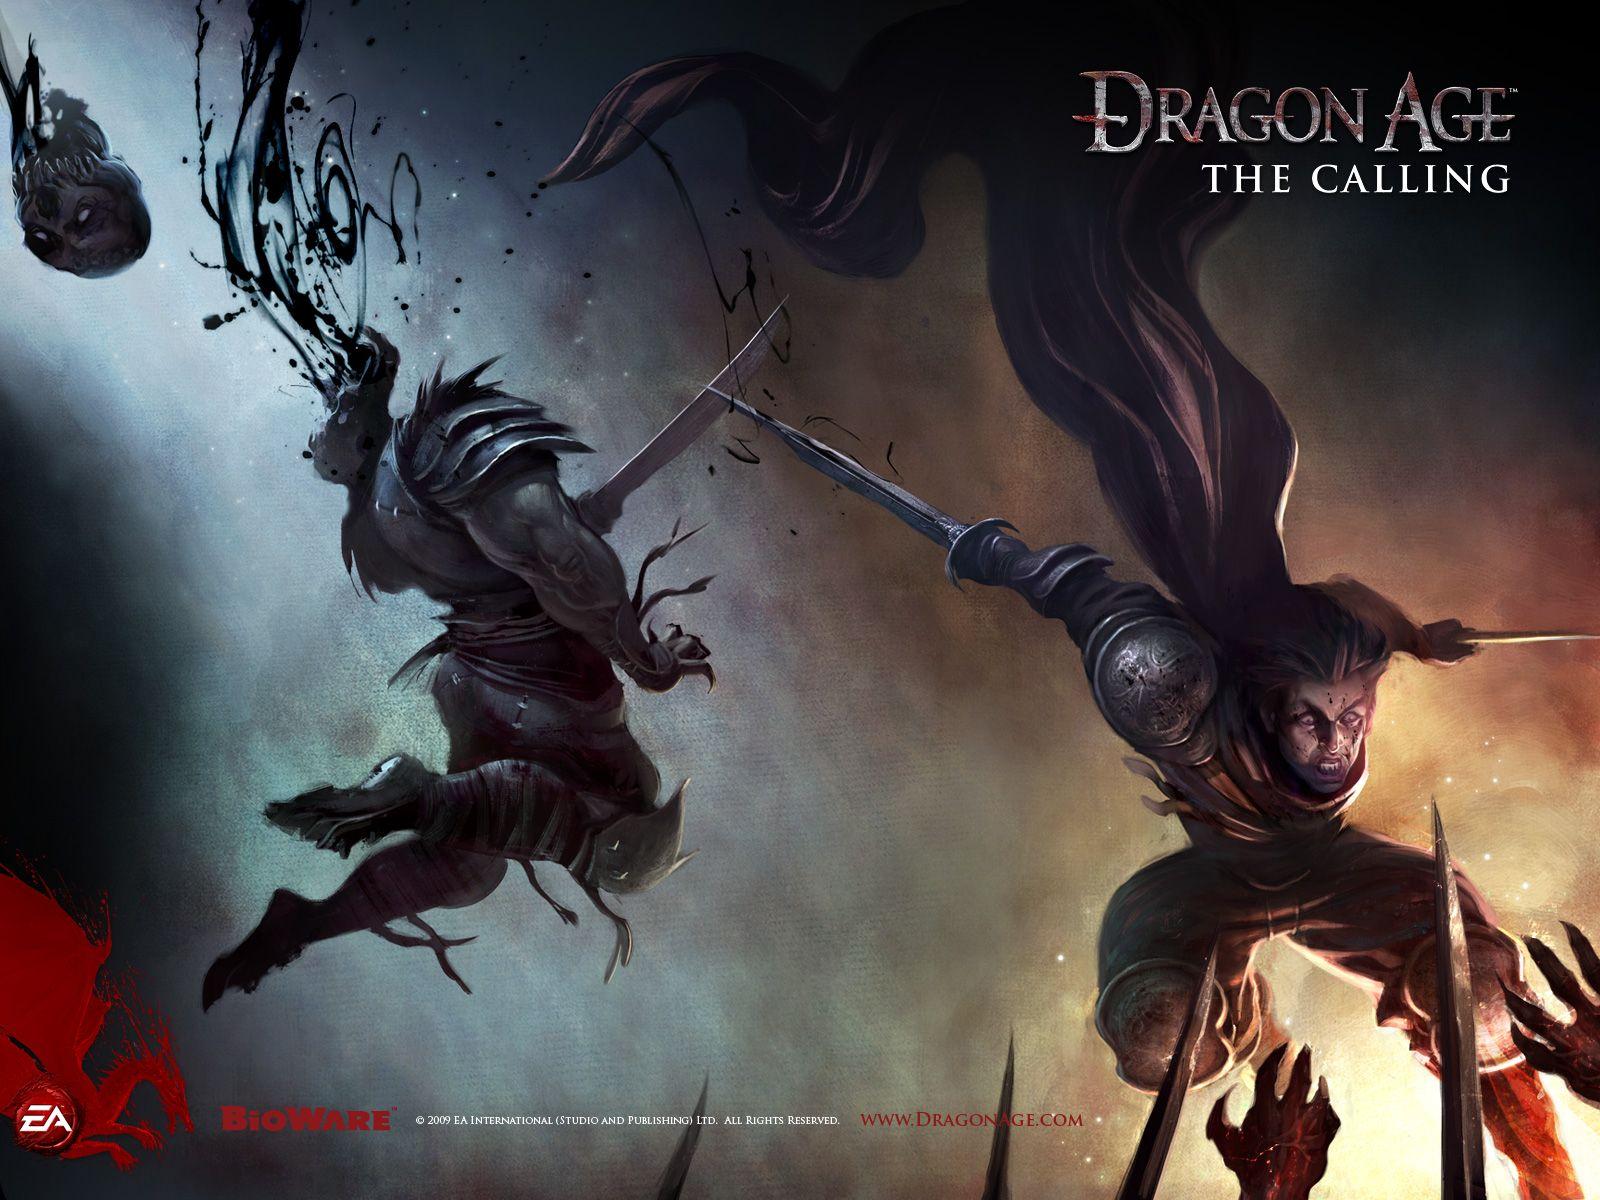 Dragon Age 3 Wallpaper Hd Wallpaper Dragon Age Origins Dragon Age Wallpaper Dragon Age